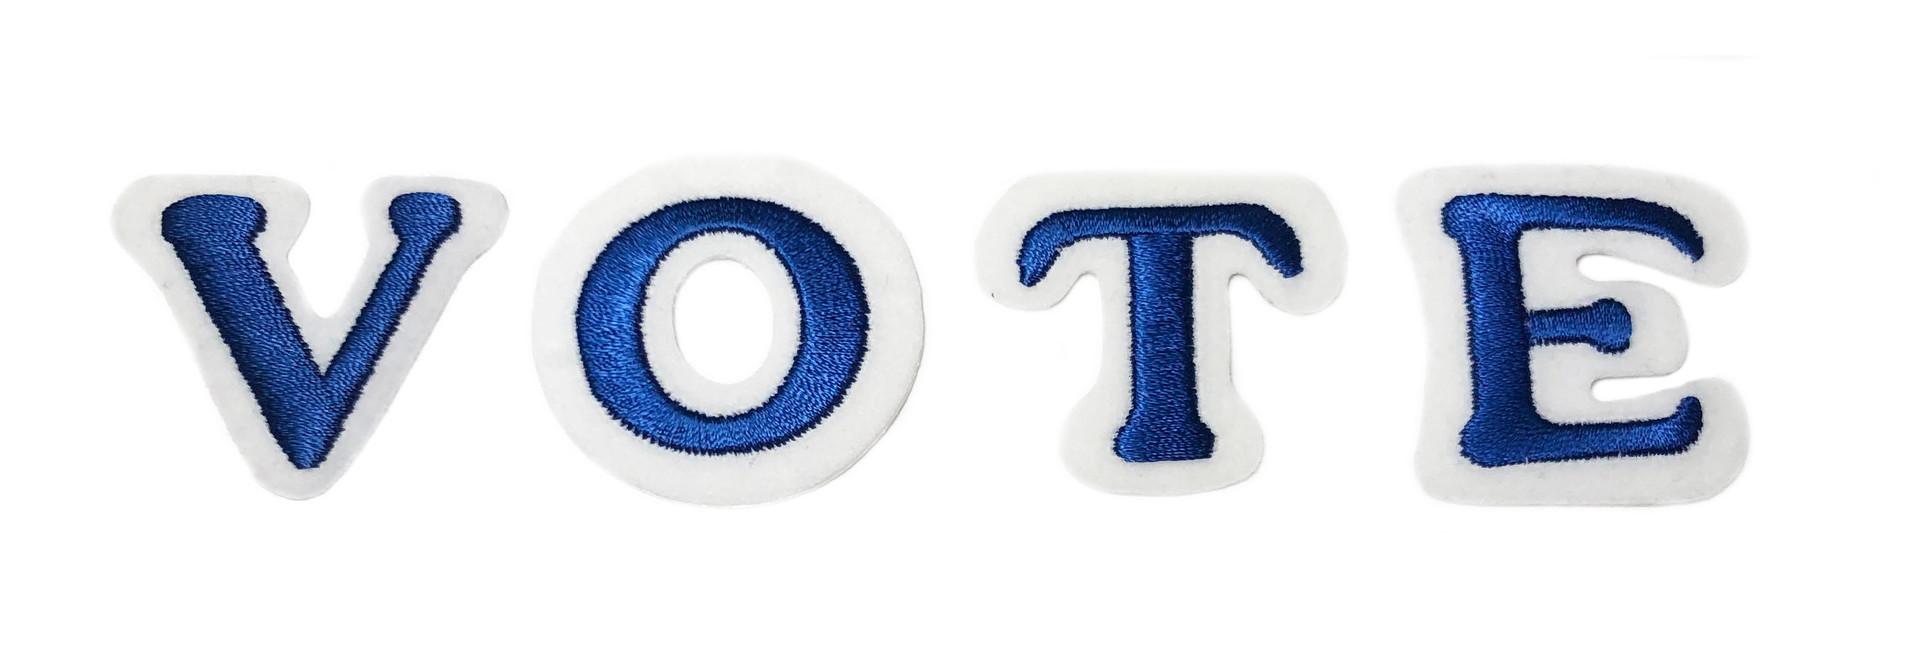 THE SHOP  VOTE CAMPAIGN BLUE